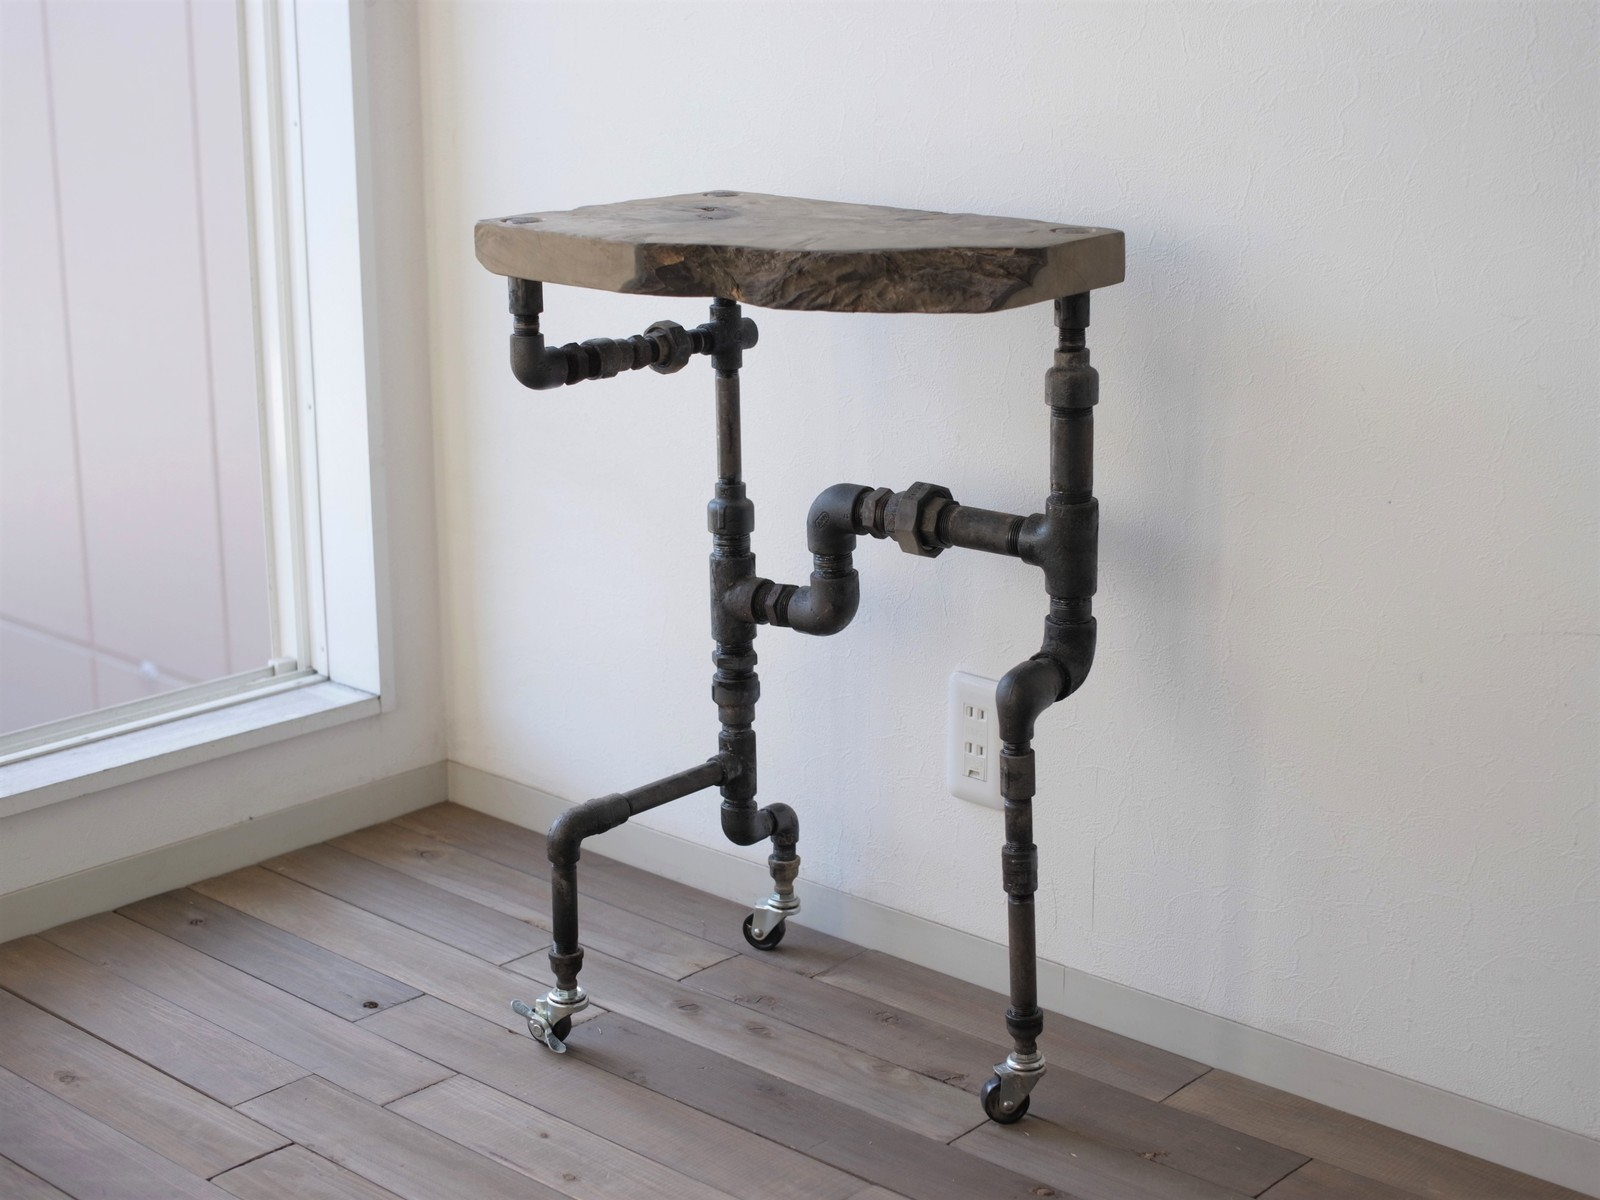 【現品限り】vintage iron side table 720*430*350(アイアン サイドテーブル 棚 インダストリアル 鉄 木 パイプ アンティーク シャビー 玄関収納 デイスプレイ)